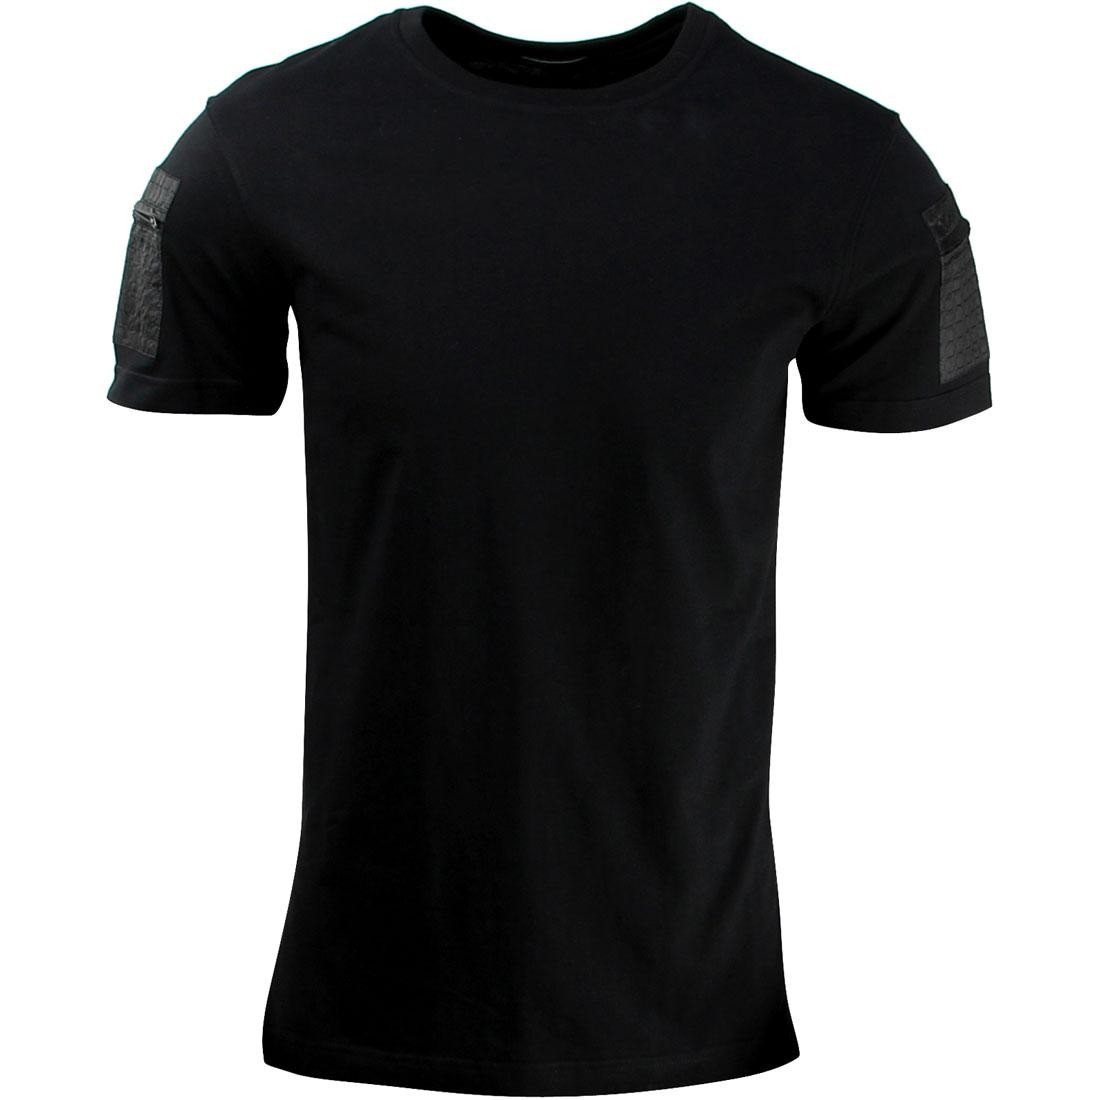 【海外限定】Tシャツ カットソー 【 UNYFORME VANGUARD TEE BLACK 】